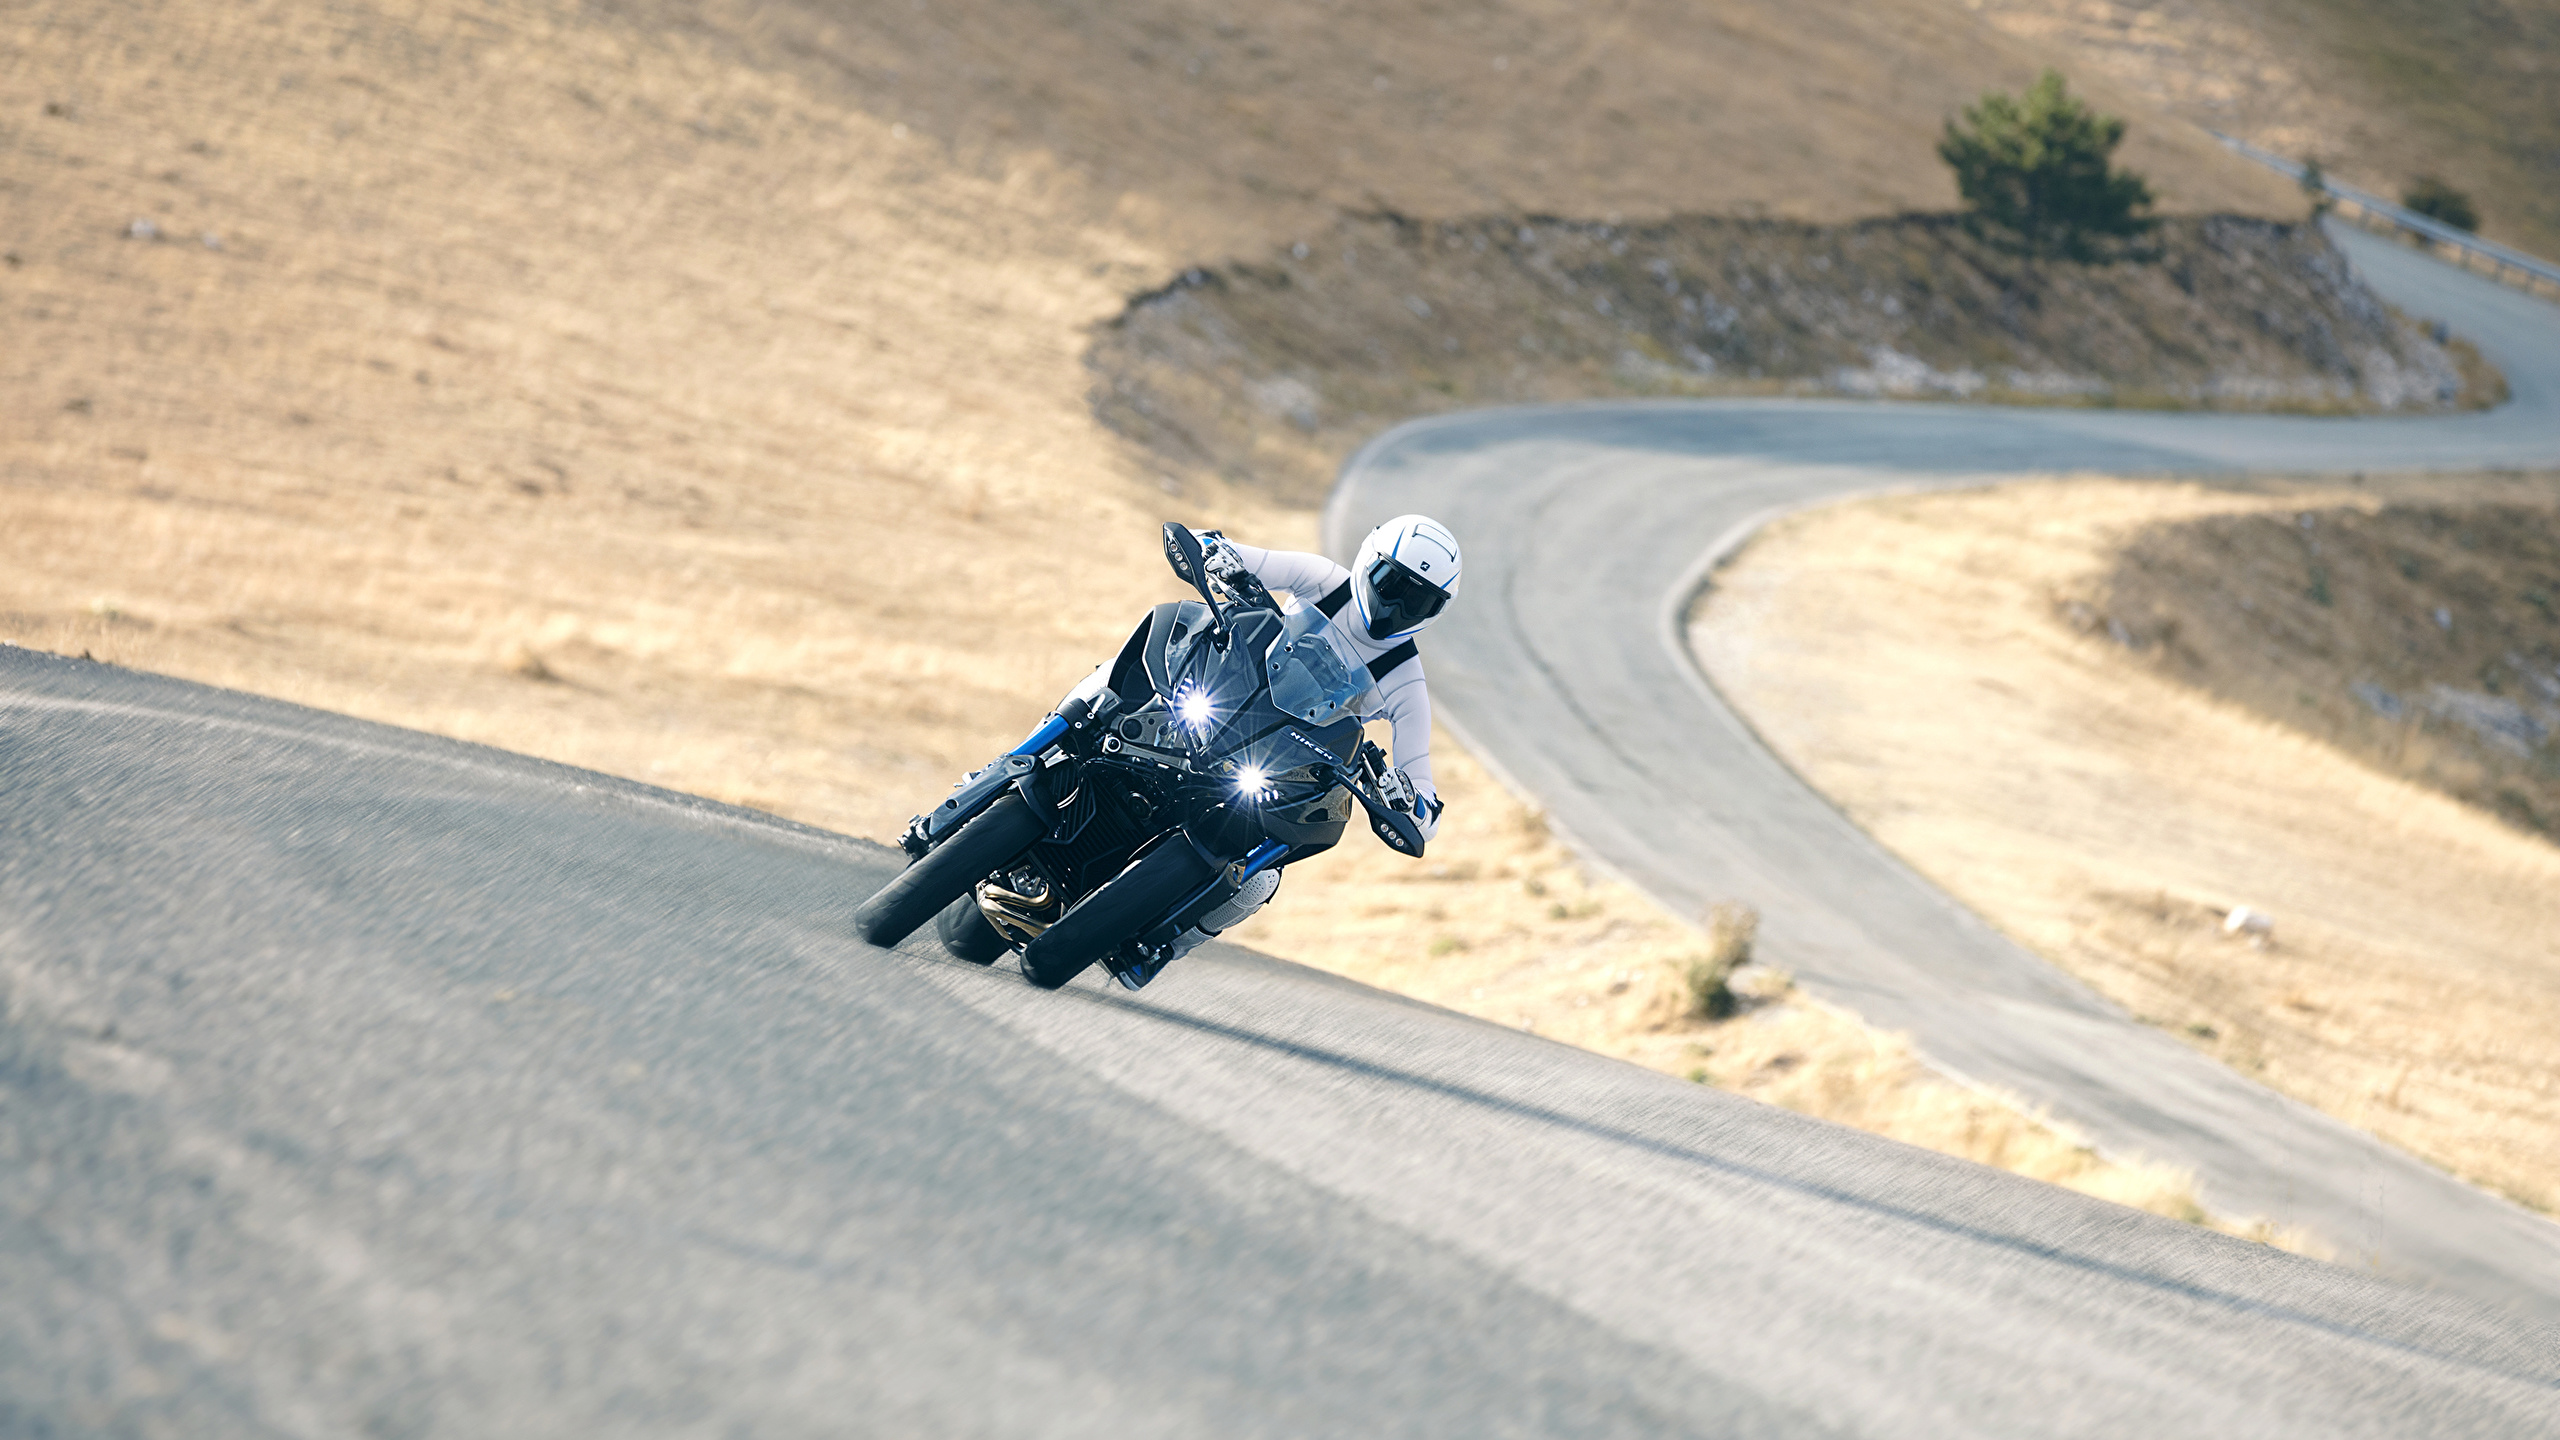 Фотография Ямаха 2018 Niken Мотоциклы едущий Мотоциклист 2560x1440 Yamaha мотоцикл едет едущая Движение скорость